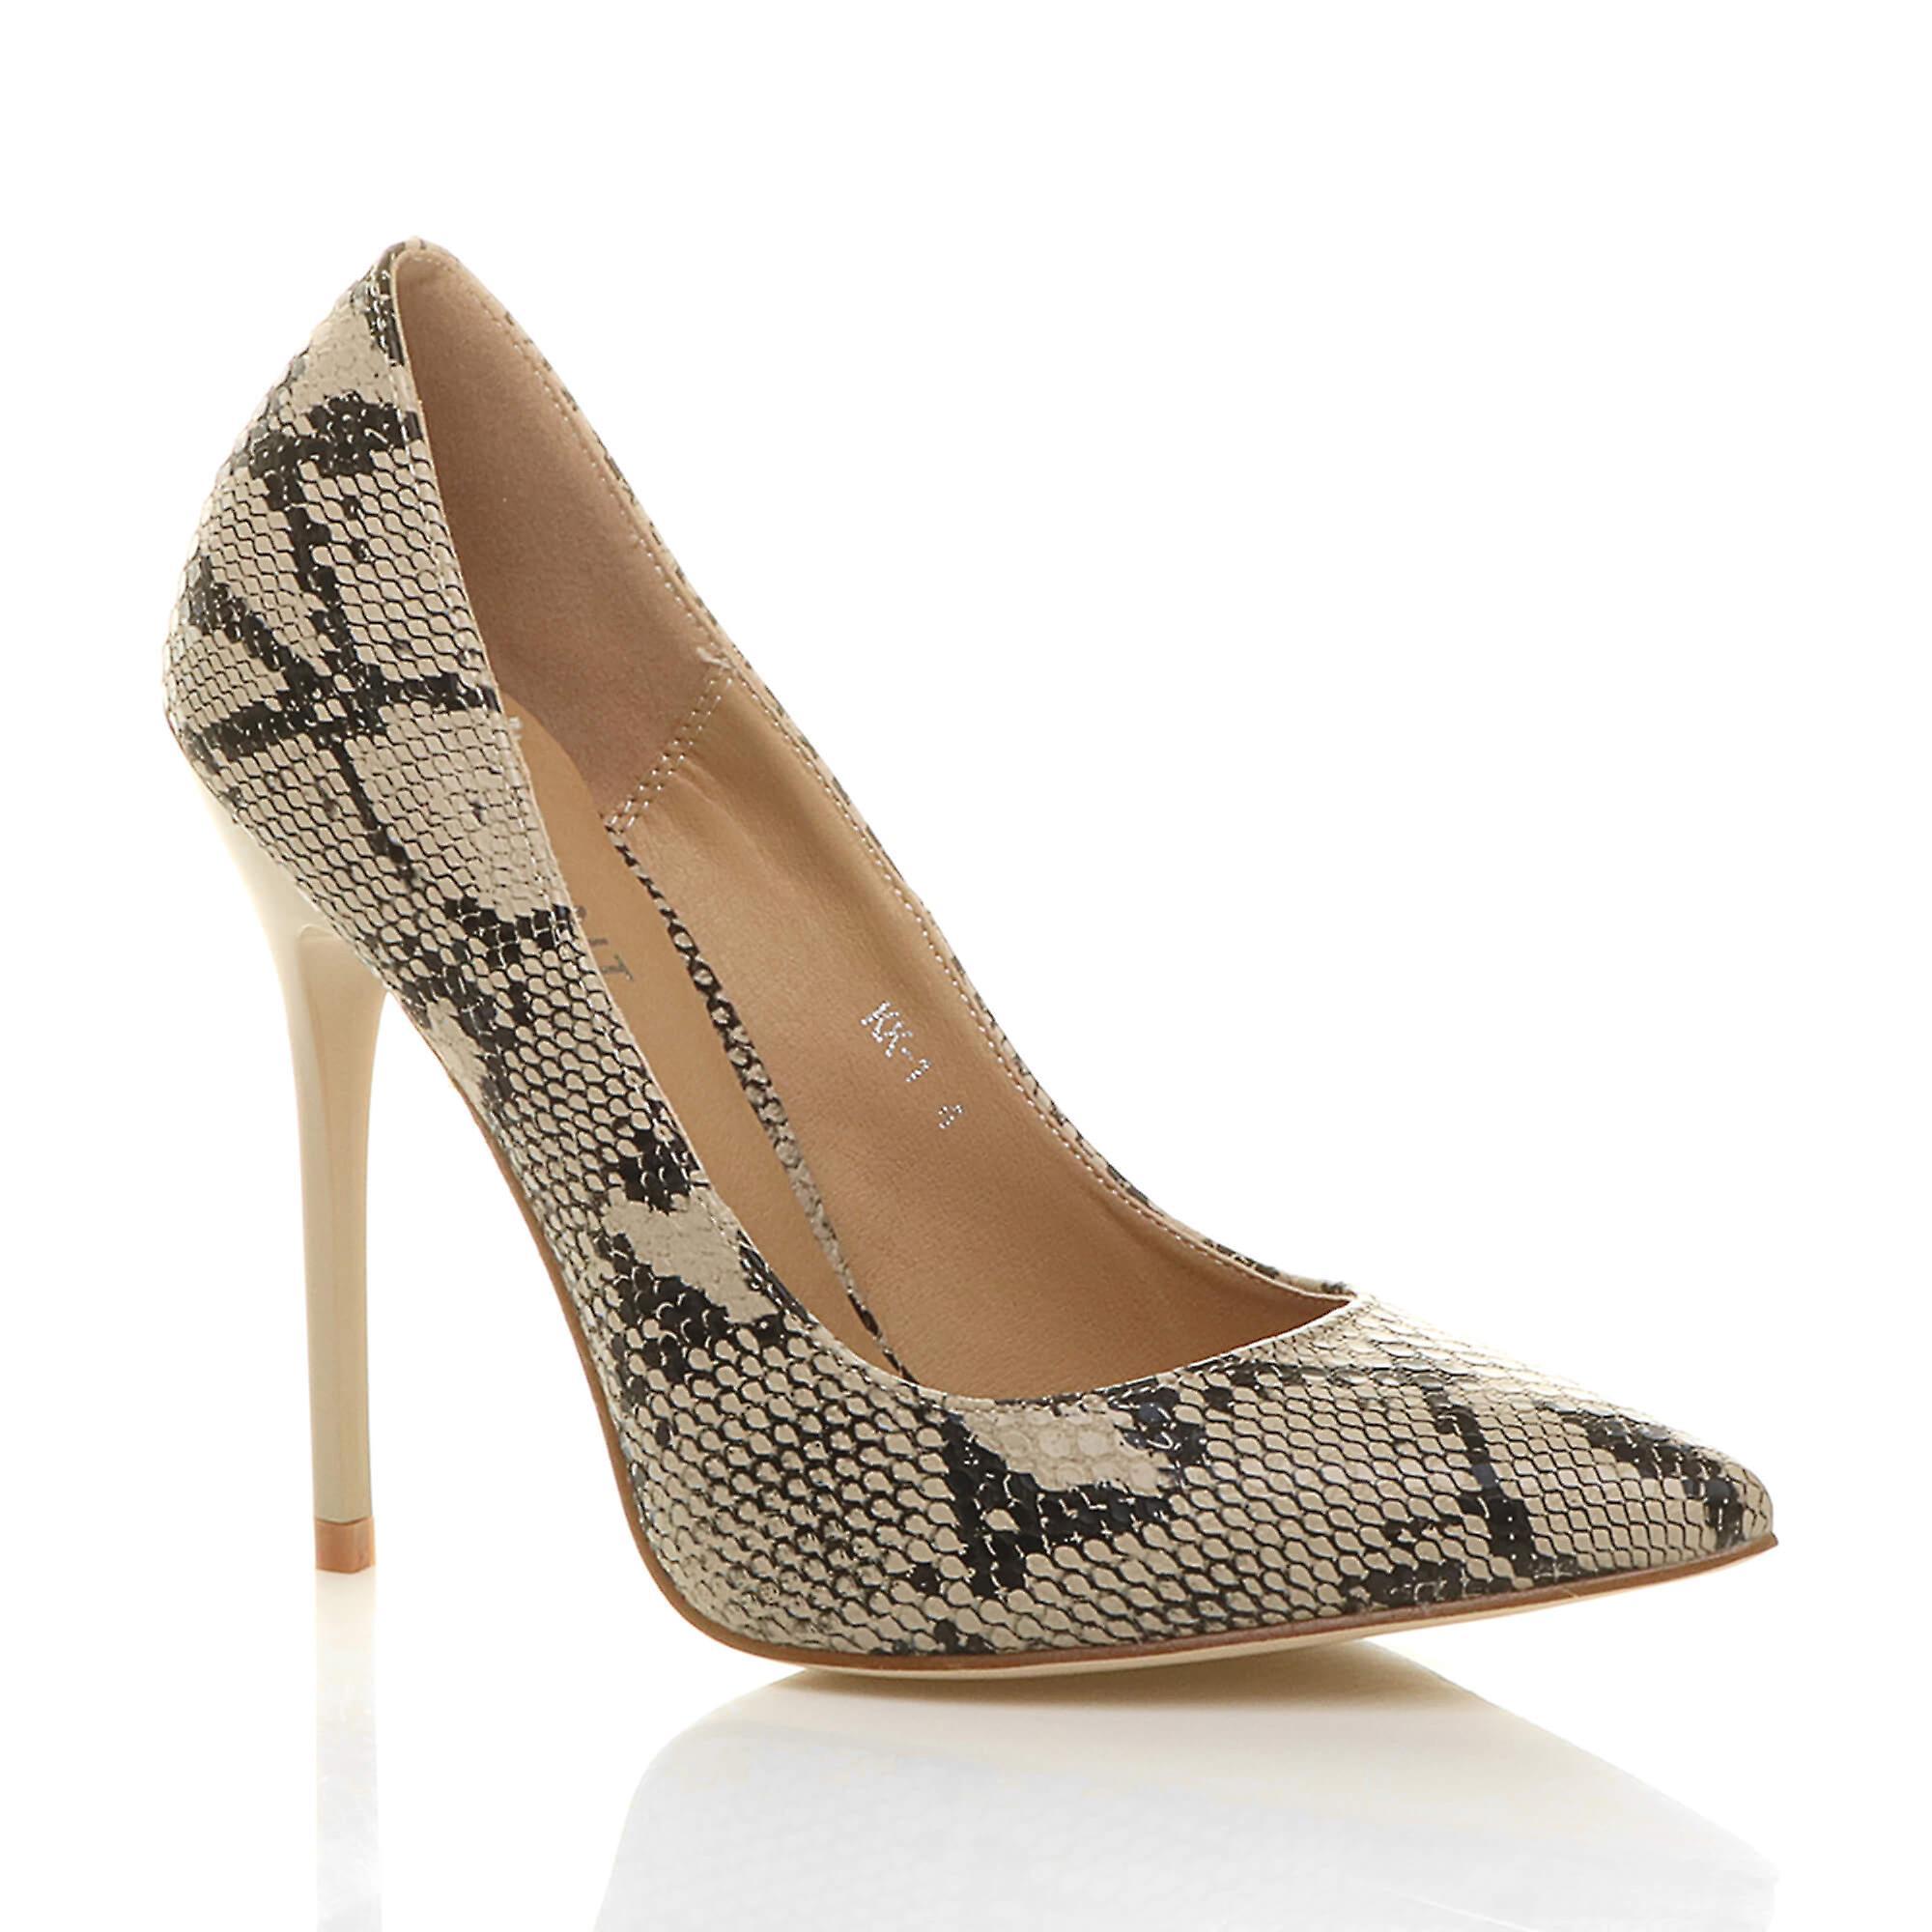 Ajvani damskie szpilki wskazał kontrast sąd smart partii pracy buty pompy YVykb